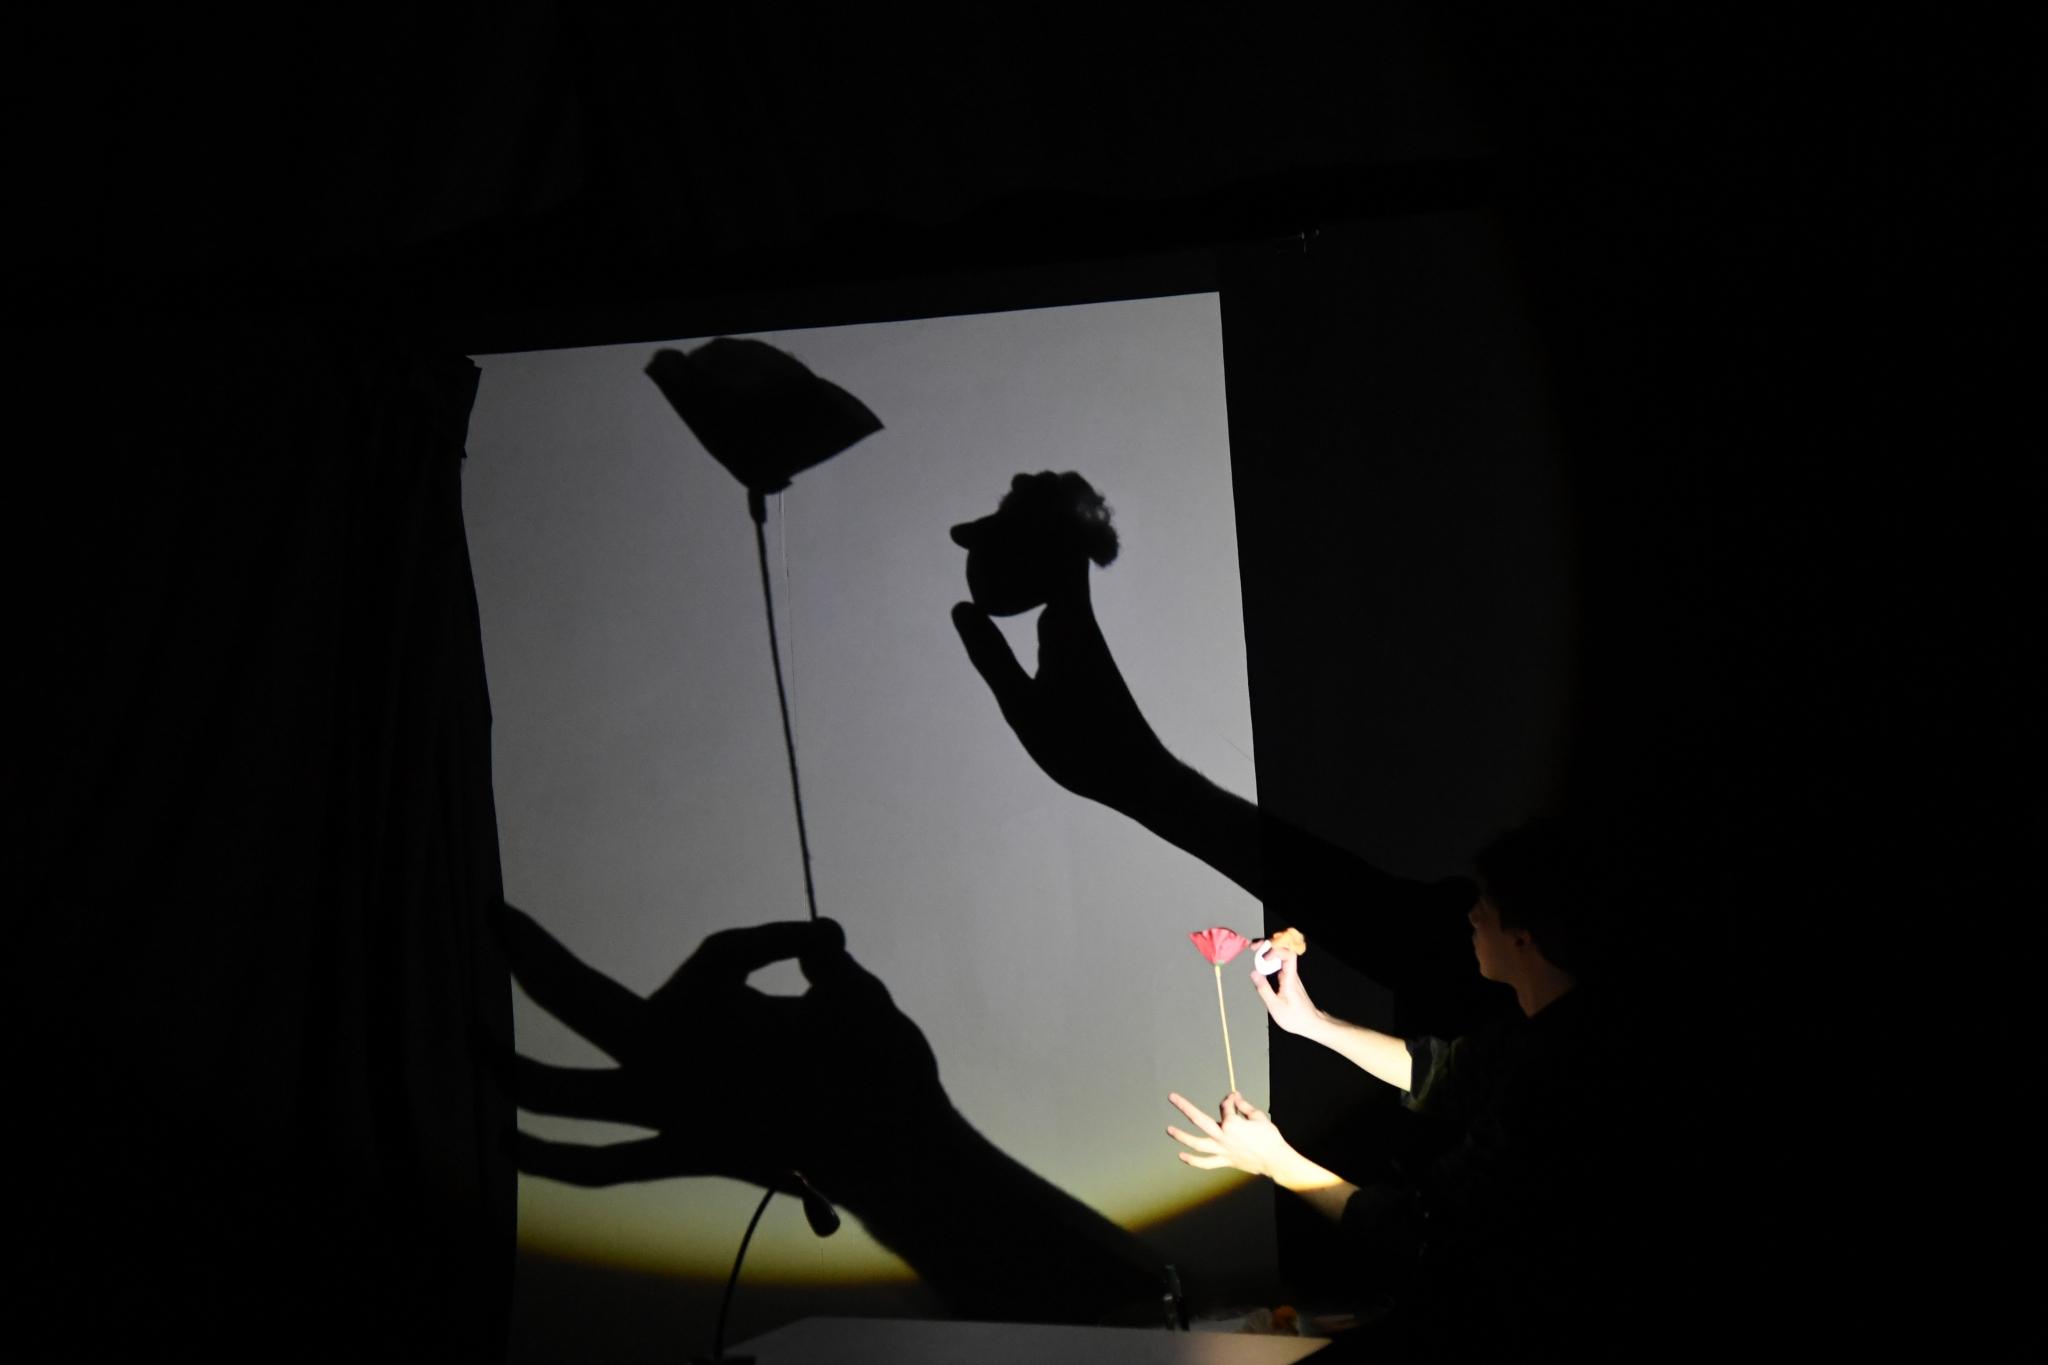 《光影夢工場》演出相片(劇照由澳門文化局提供)